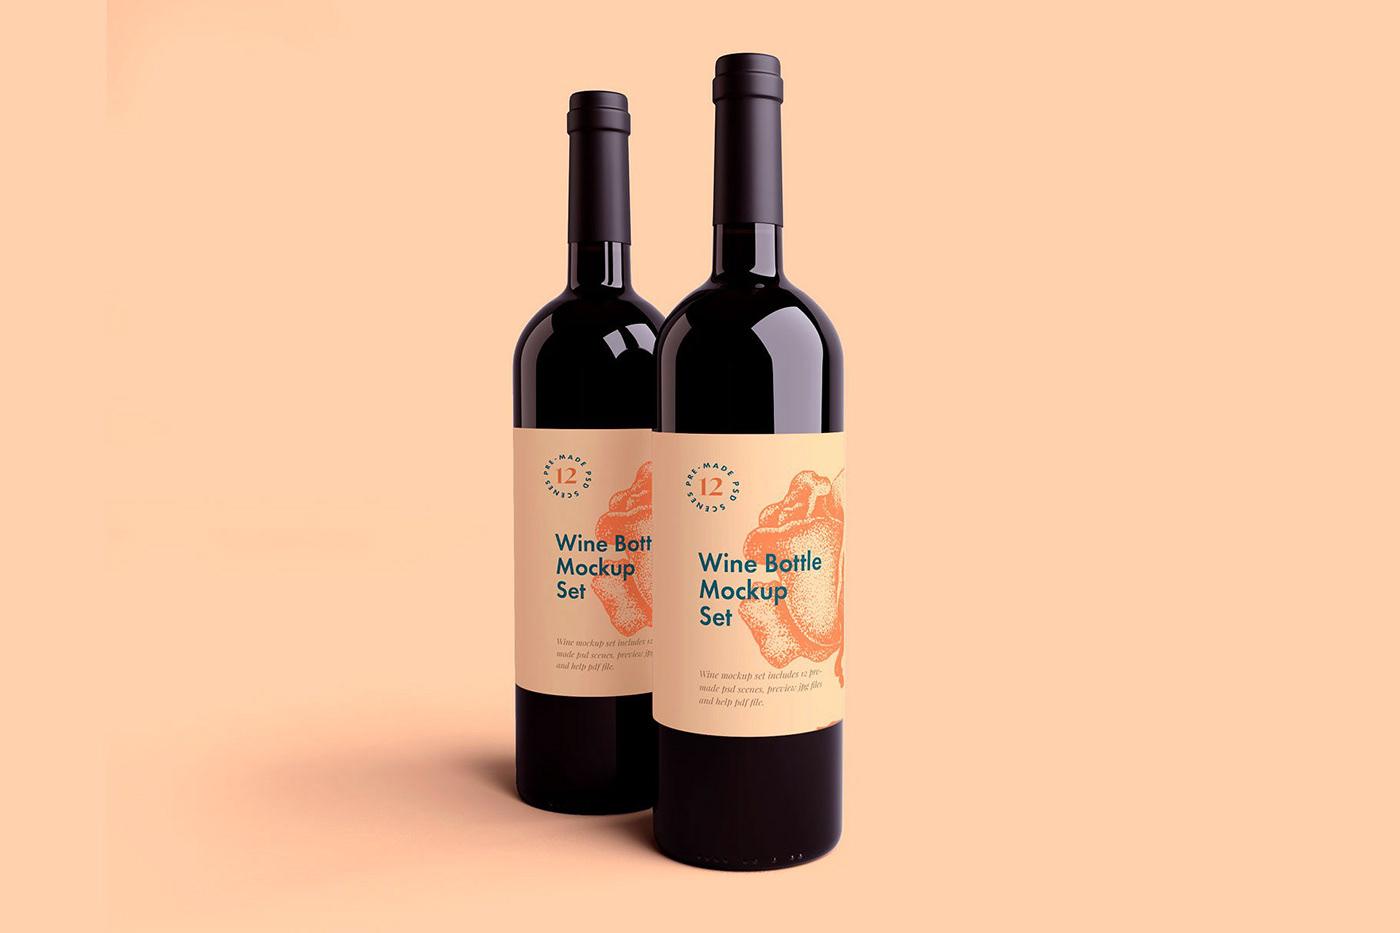 Mockup free mockup  branding  Packaging wine Wine Bottle psd package